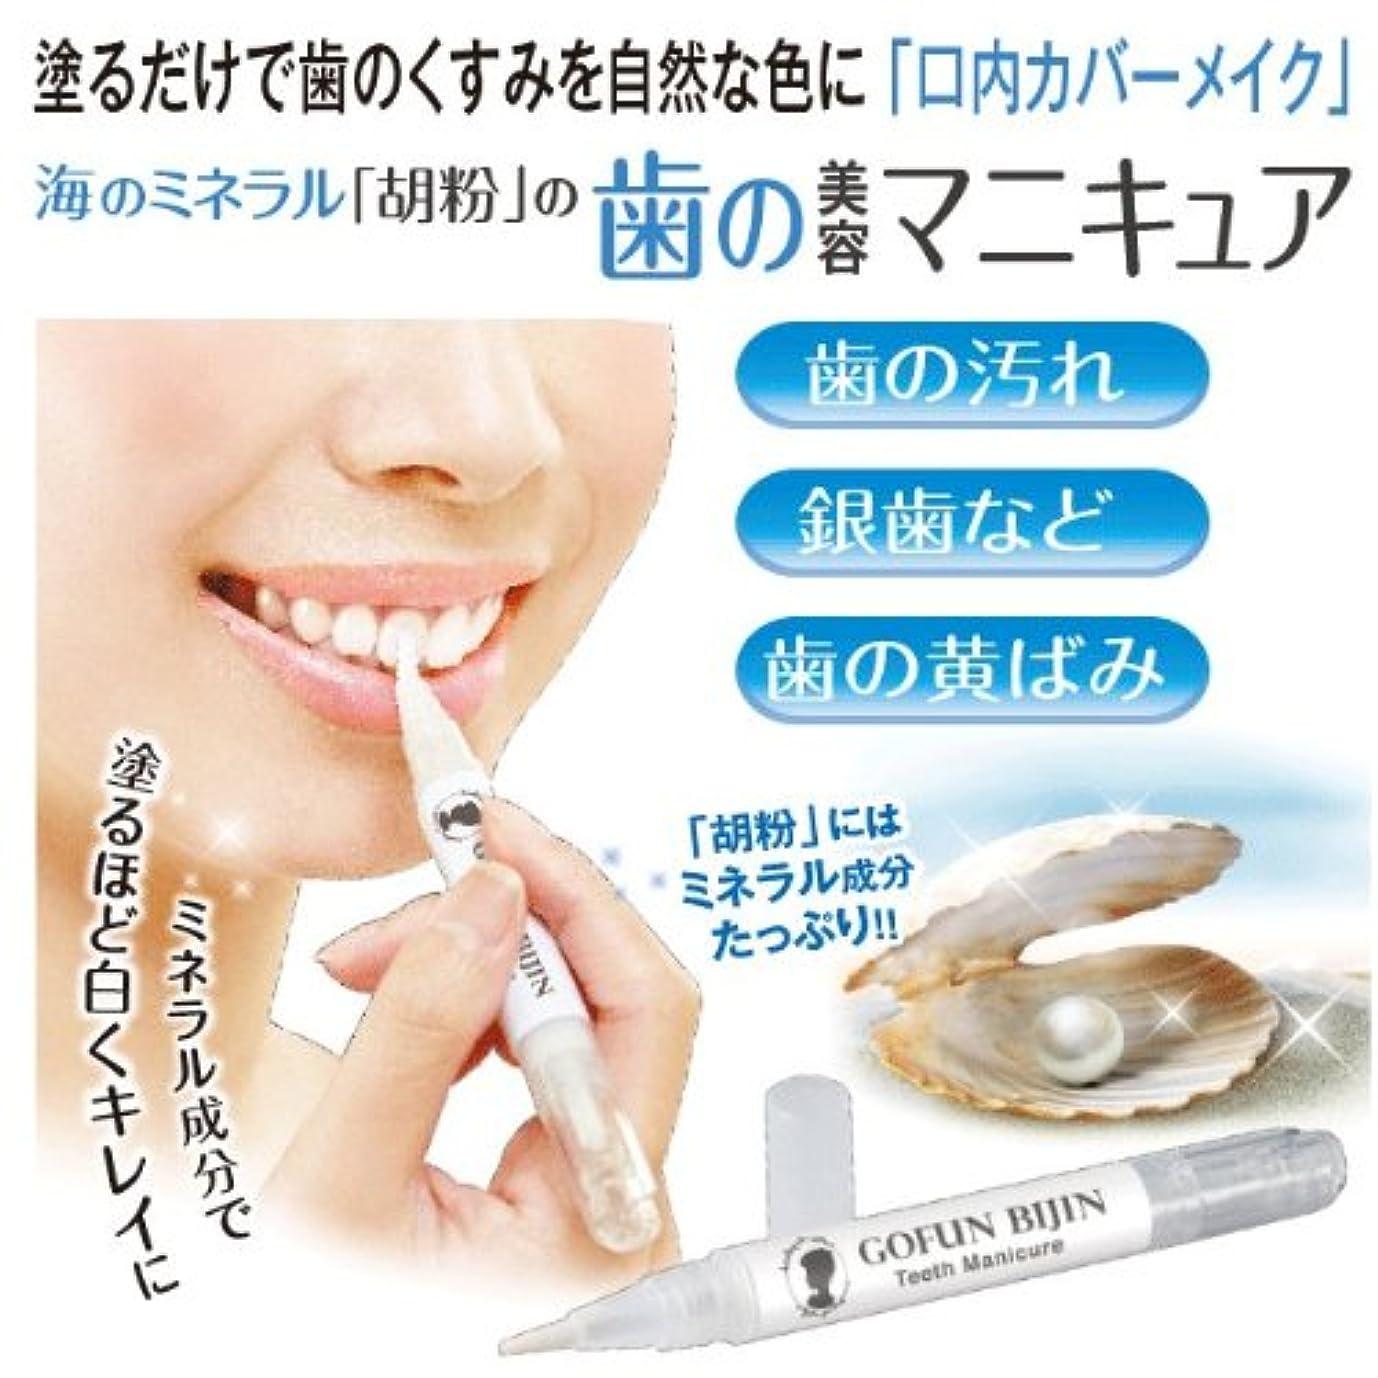 あえぎ行き当たりばったり驚くばかり胡粉美人 歯マニキュア 歯にミネラルを補給してキレイに